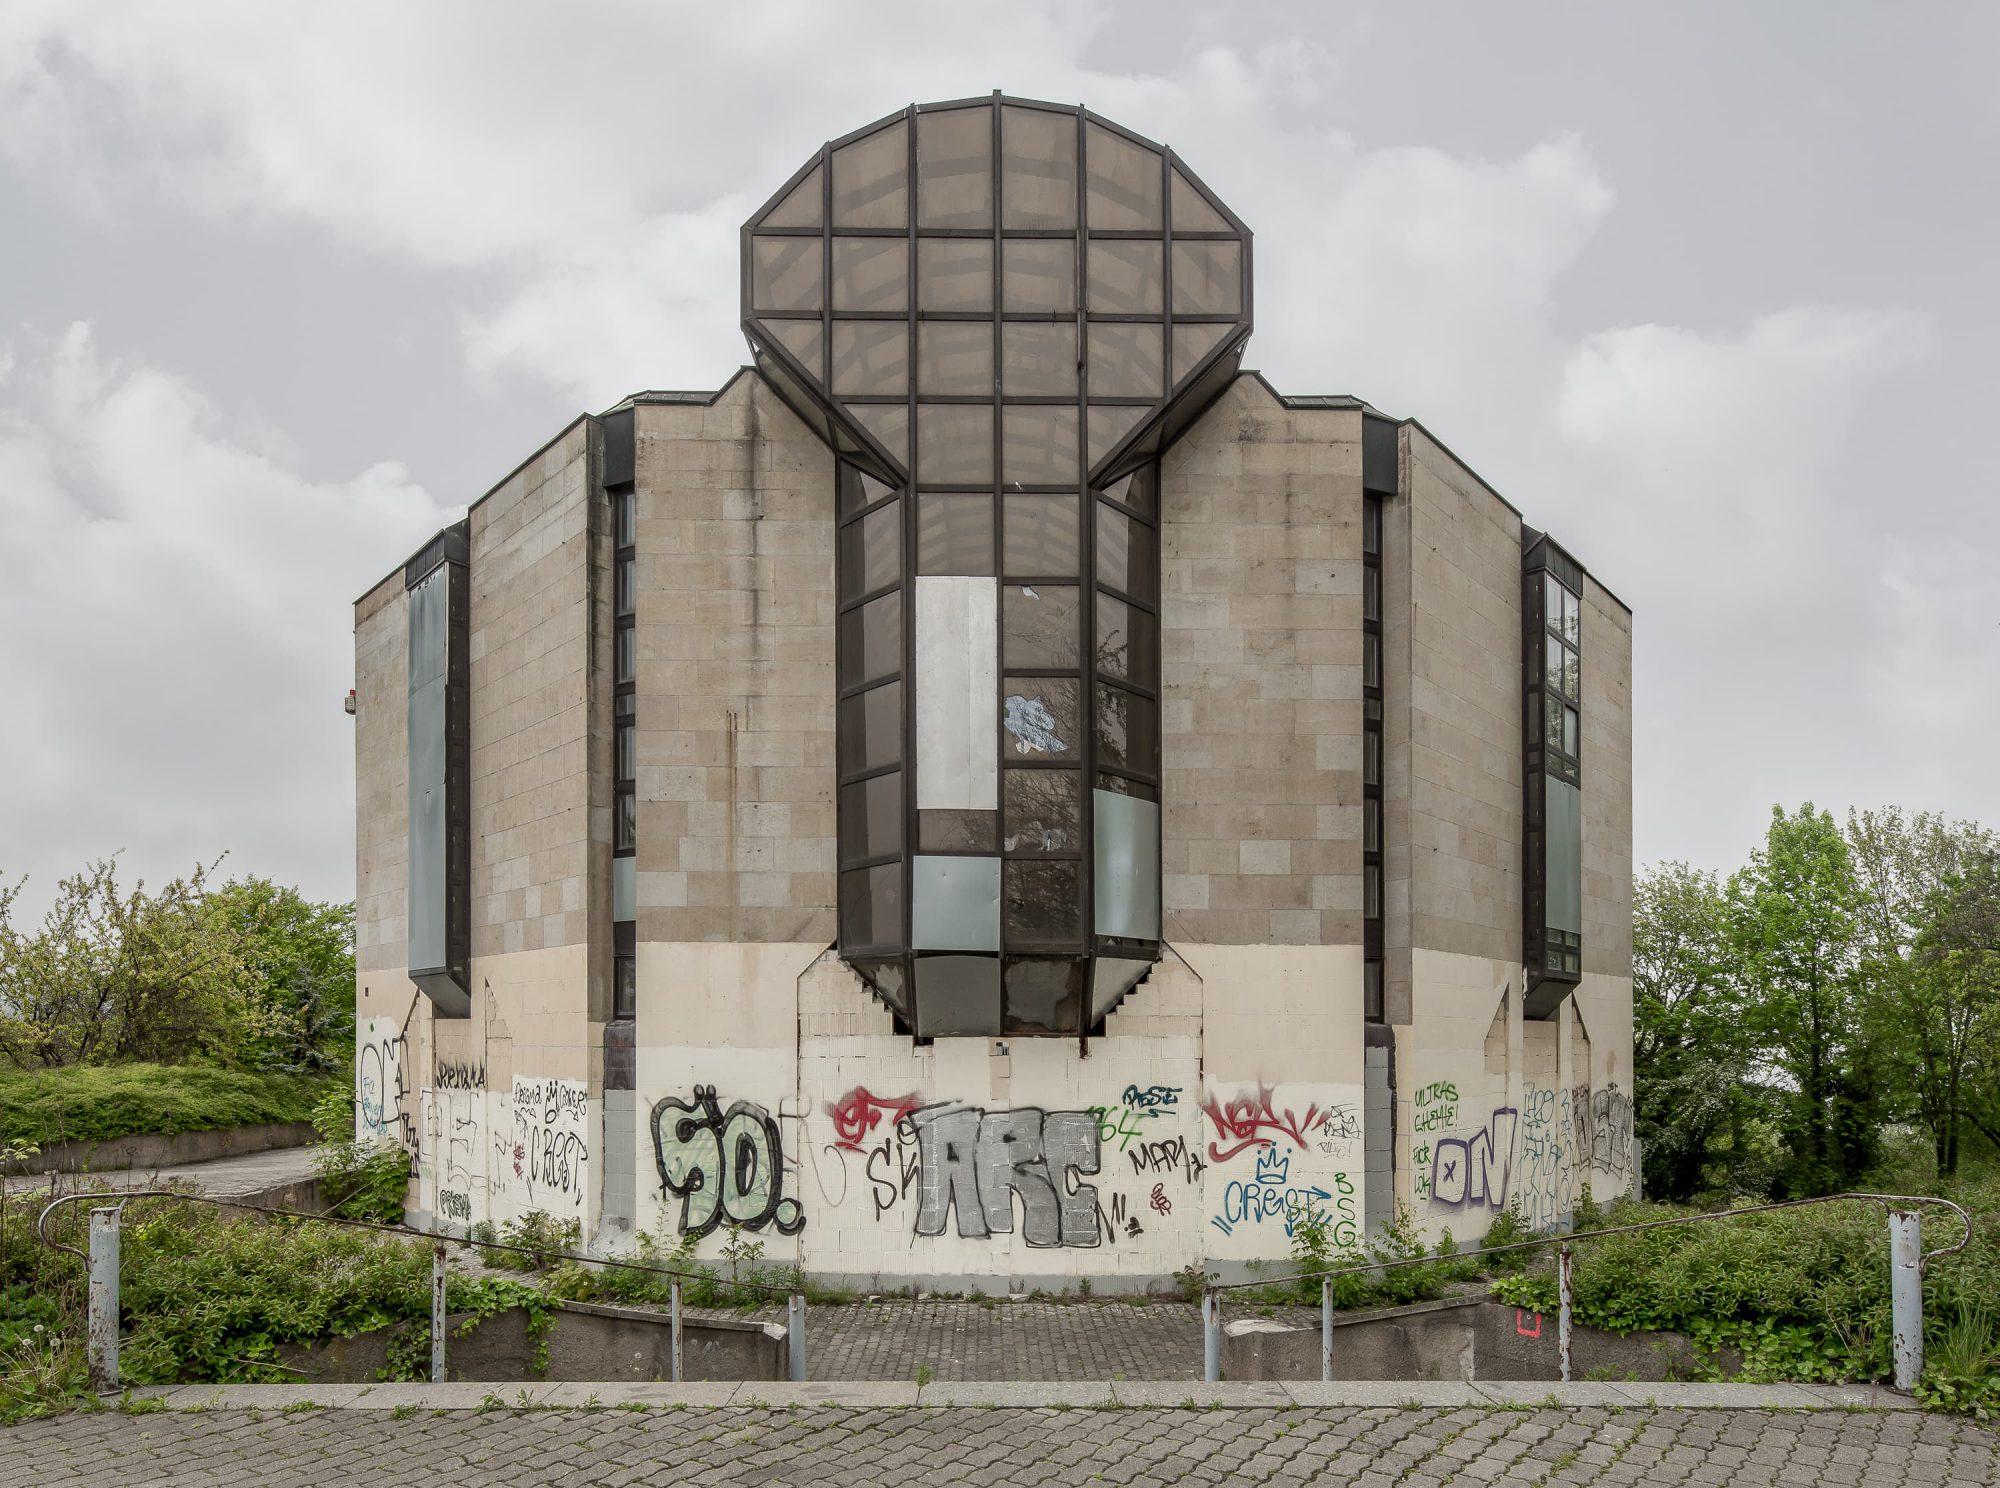 Regentaucher Architekturfotografie | Awaiting Leipzig Bowlingtreff